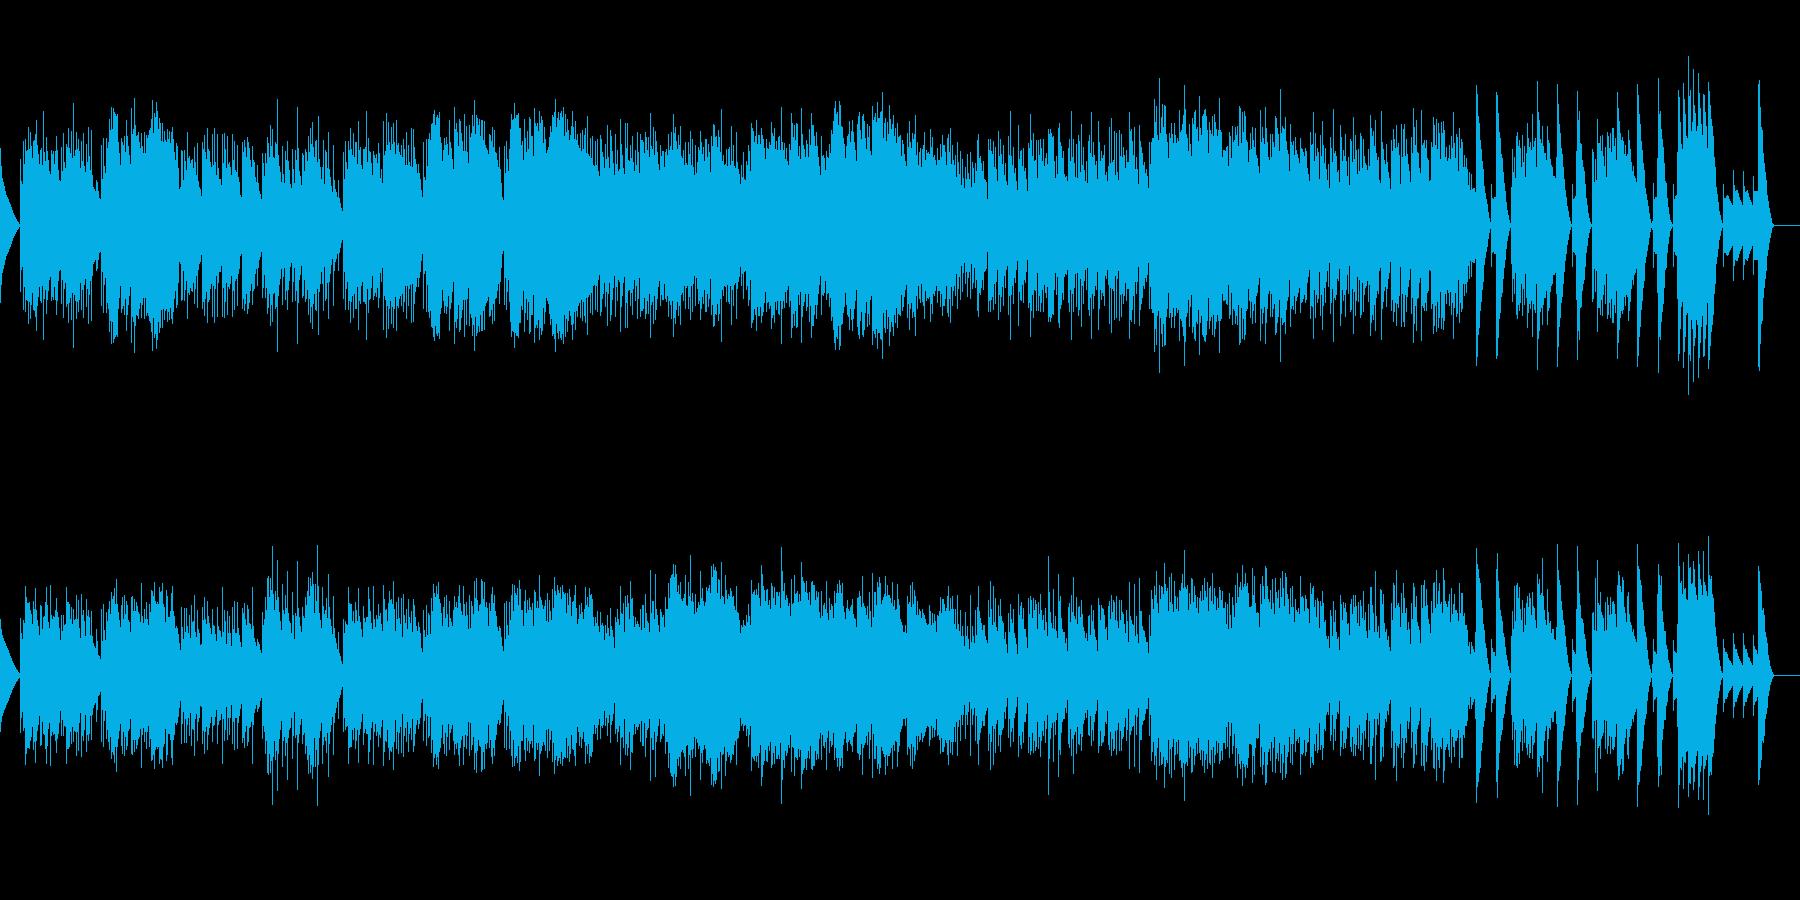 4. 山の魔王の宮殿にて (オルゴール)の再生済みの波形